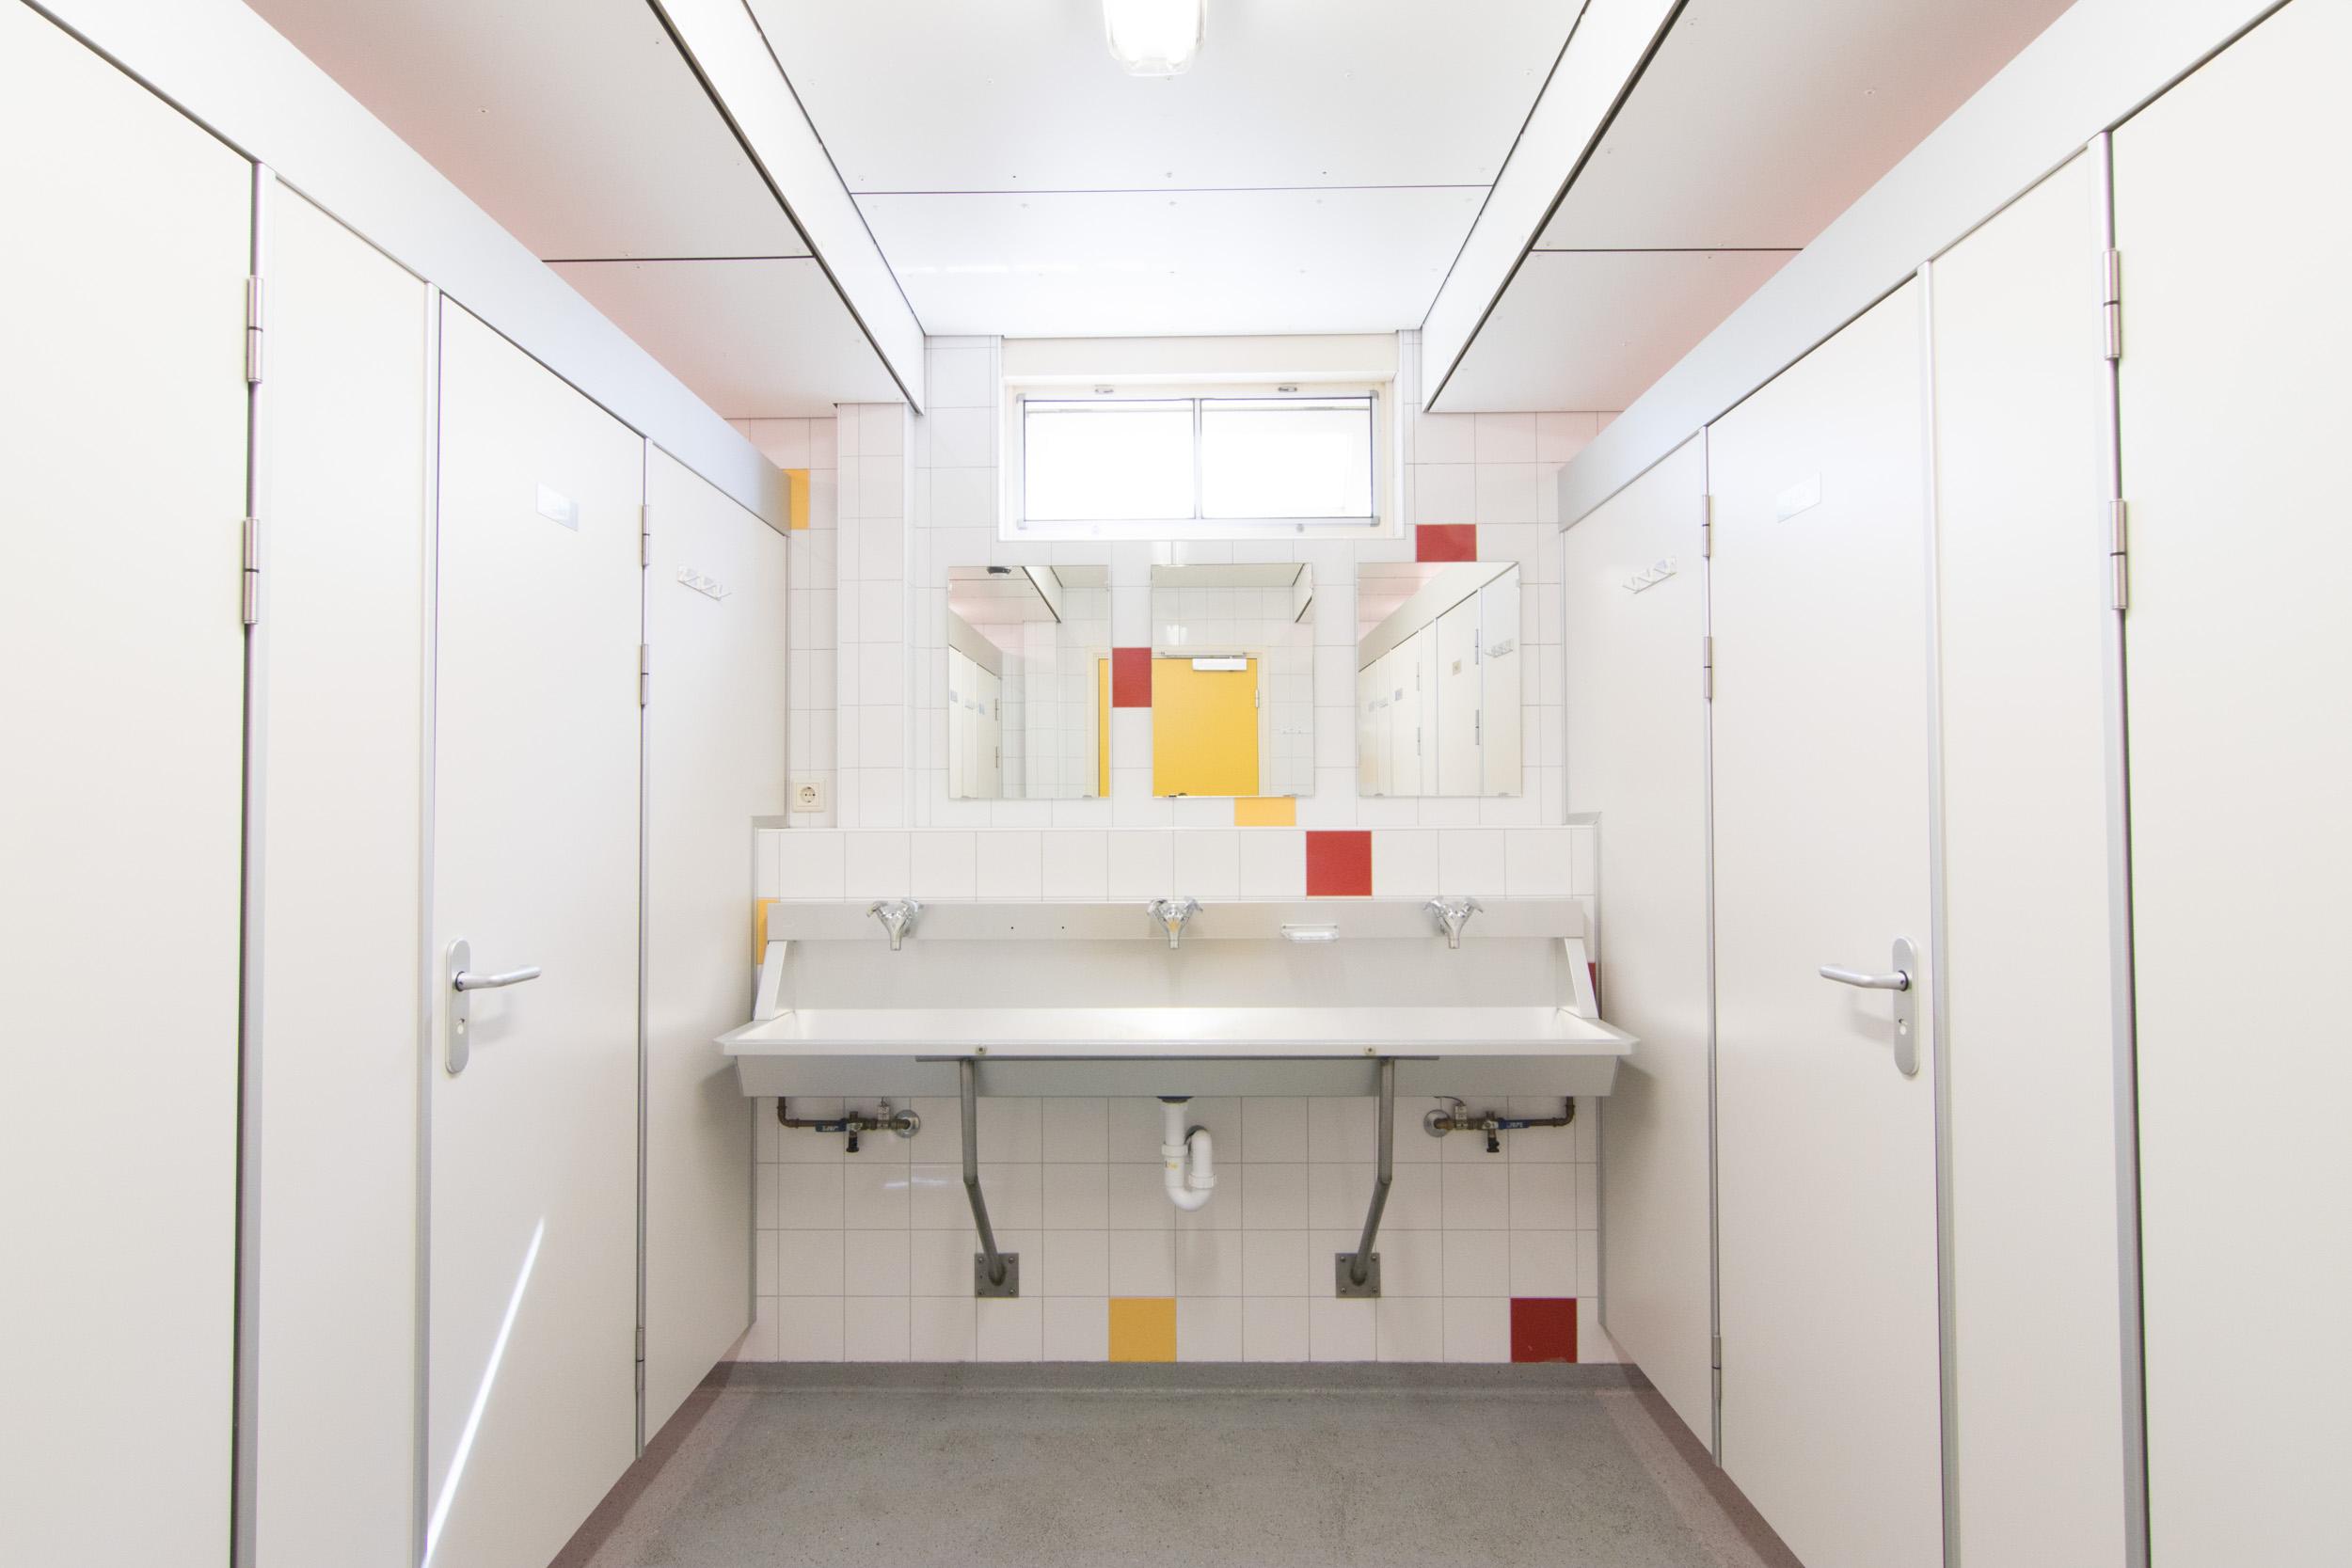 Douche en toiletruimte beneden - 2500px.jpg